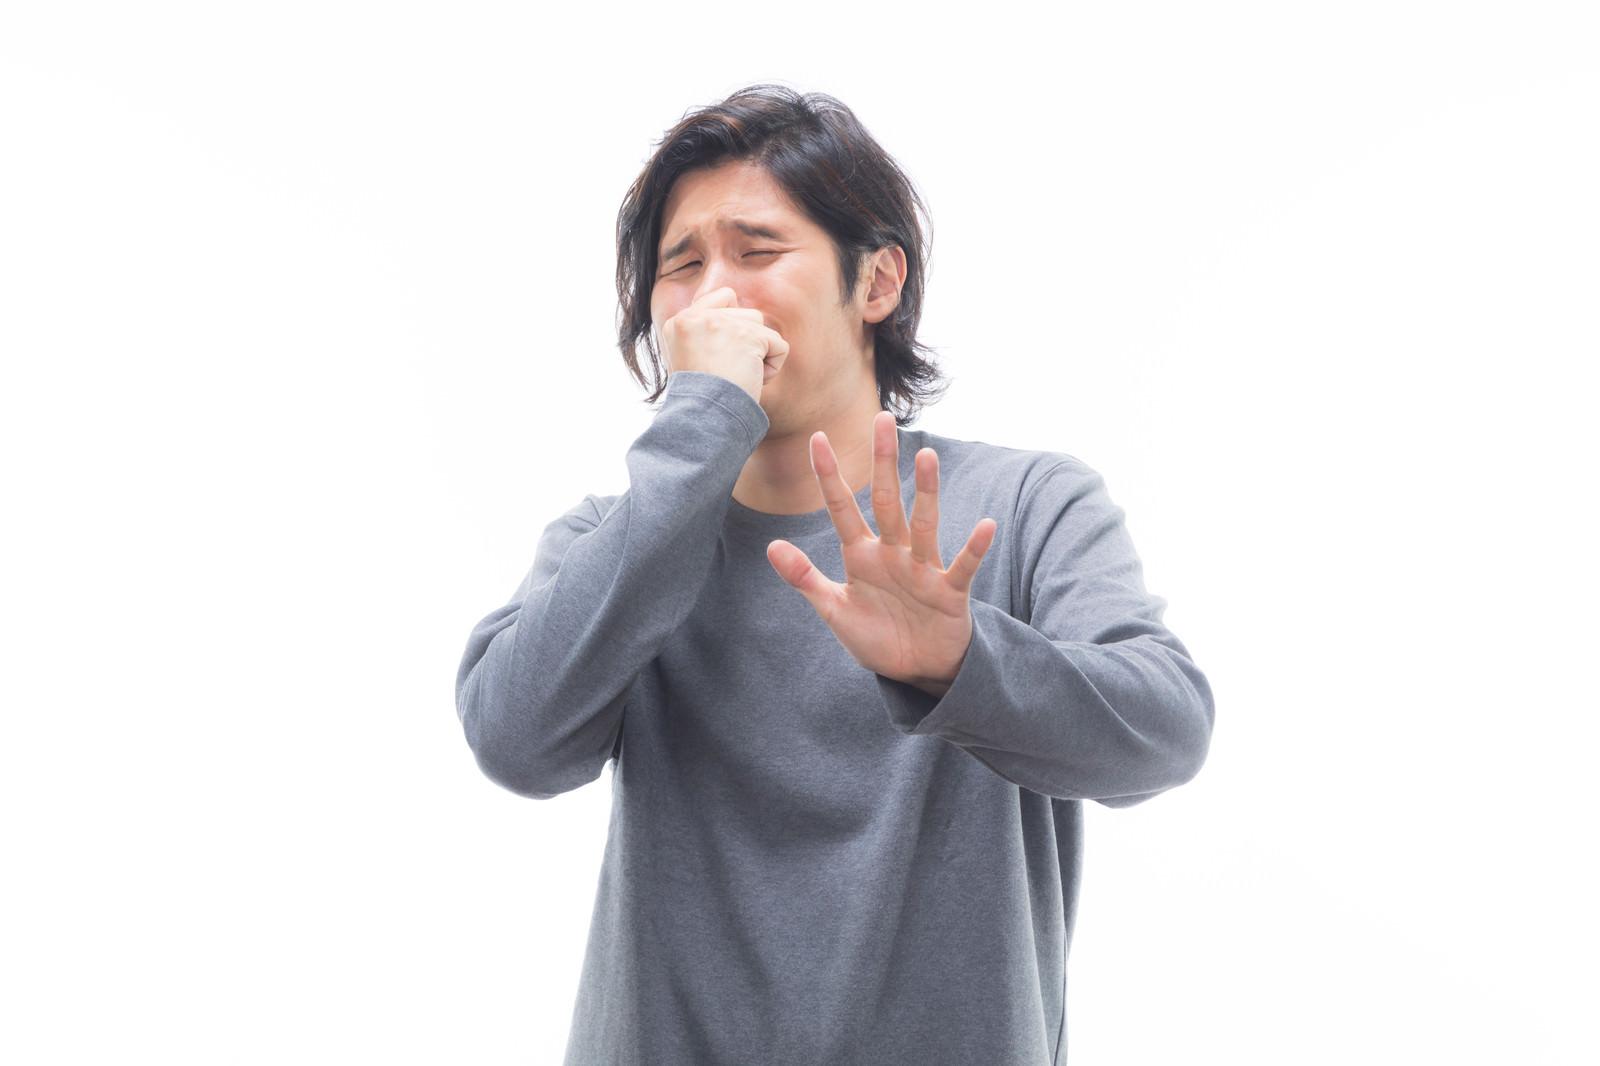 「耐え難い悪臭で顔を背ける男性」の写真[モデル:竹田匡宏]